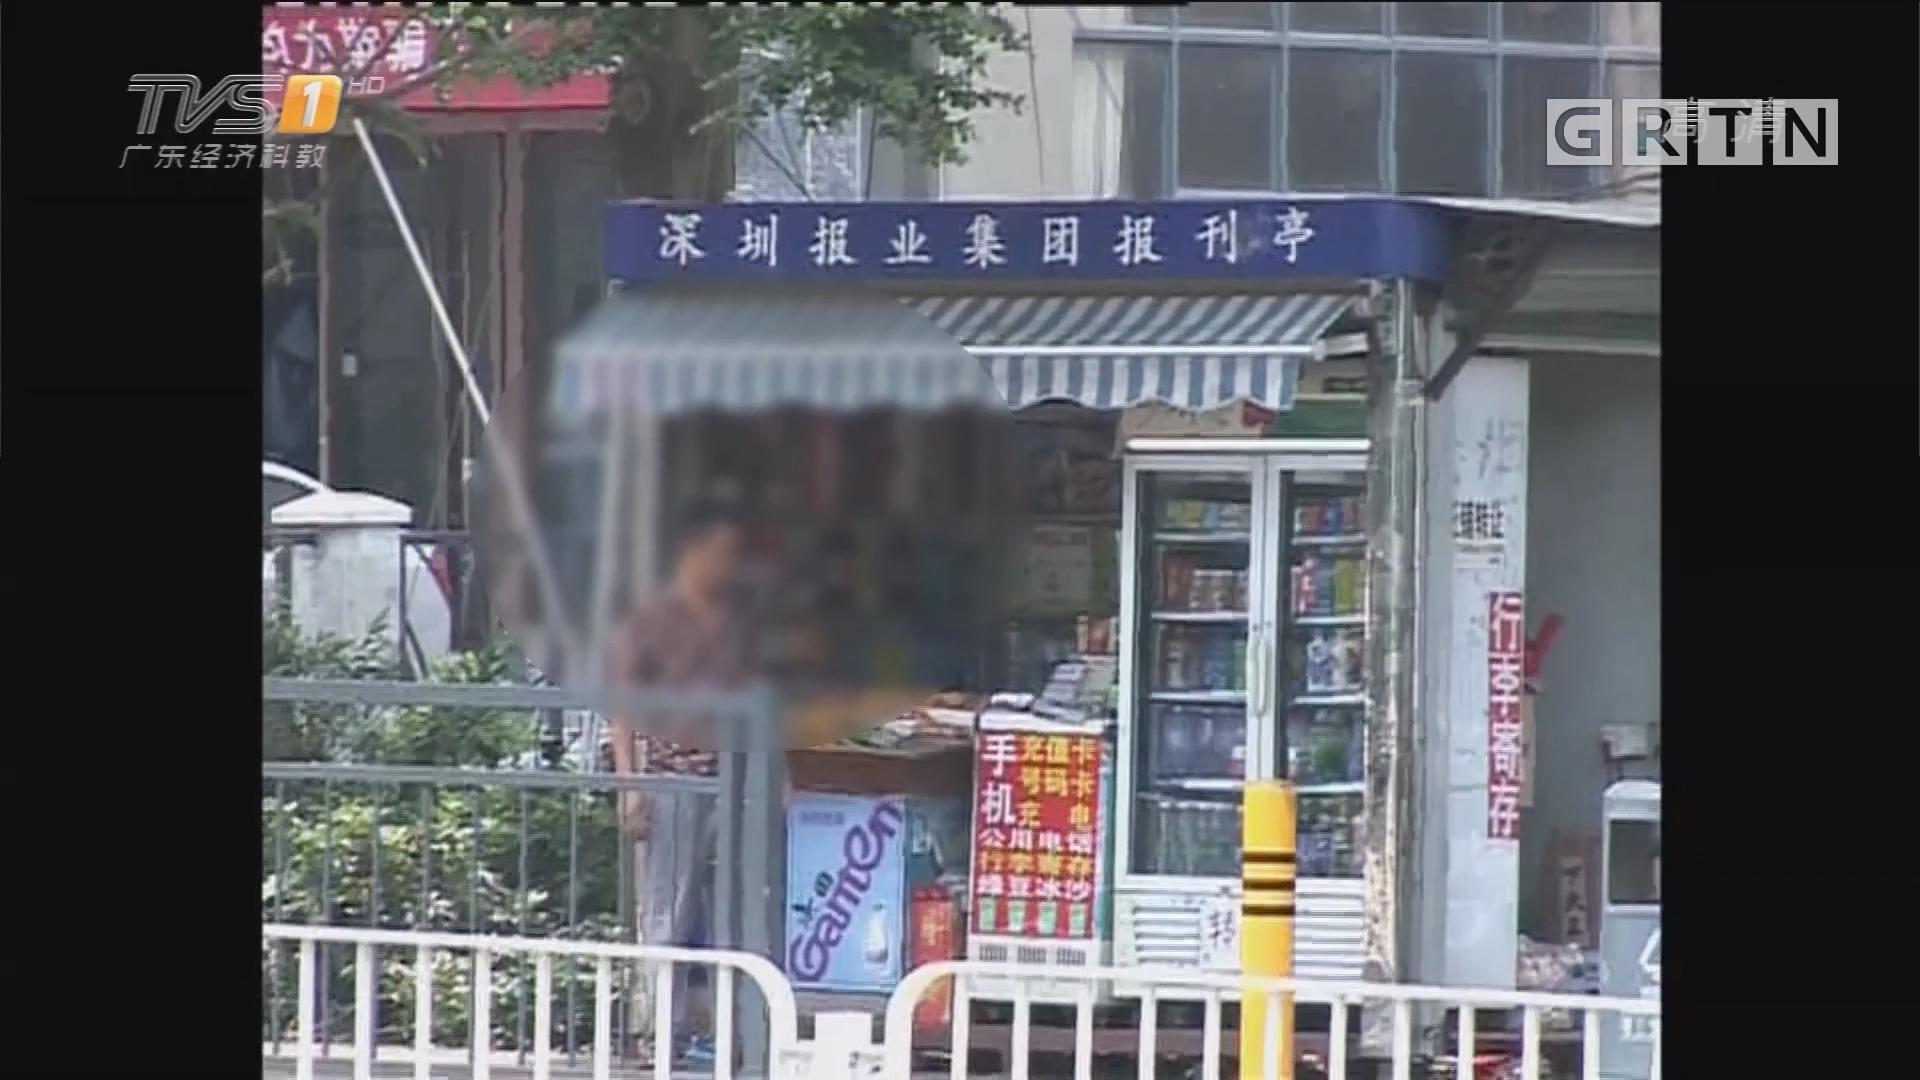 """深圳:报刊亭找零存猫腻 老板少找钱靠""""演技""""?"""